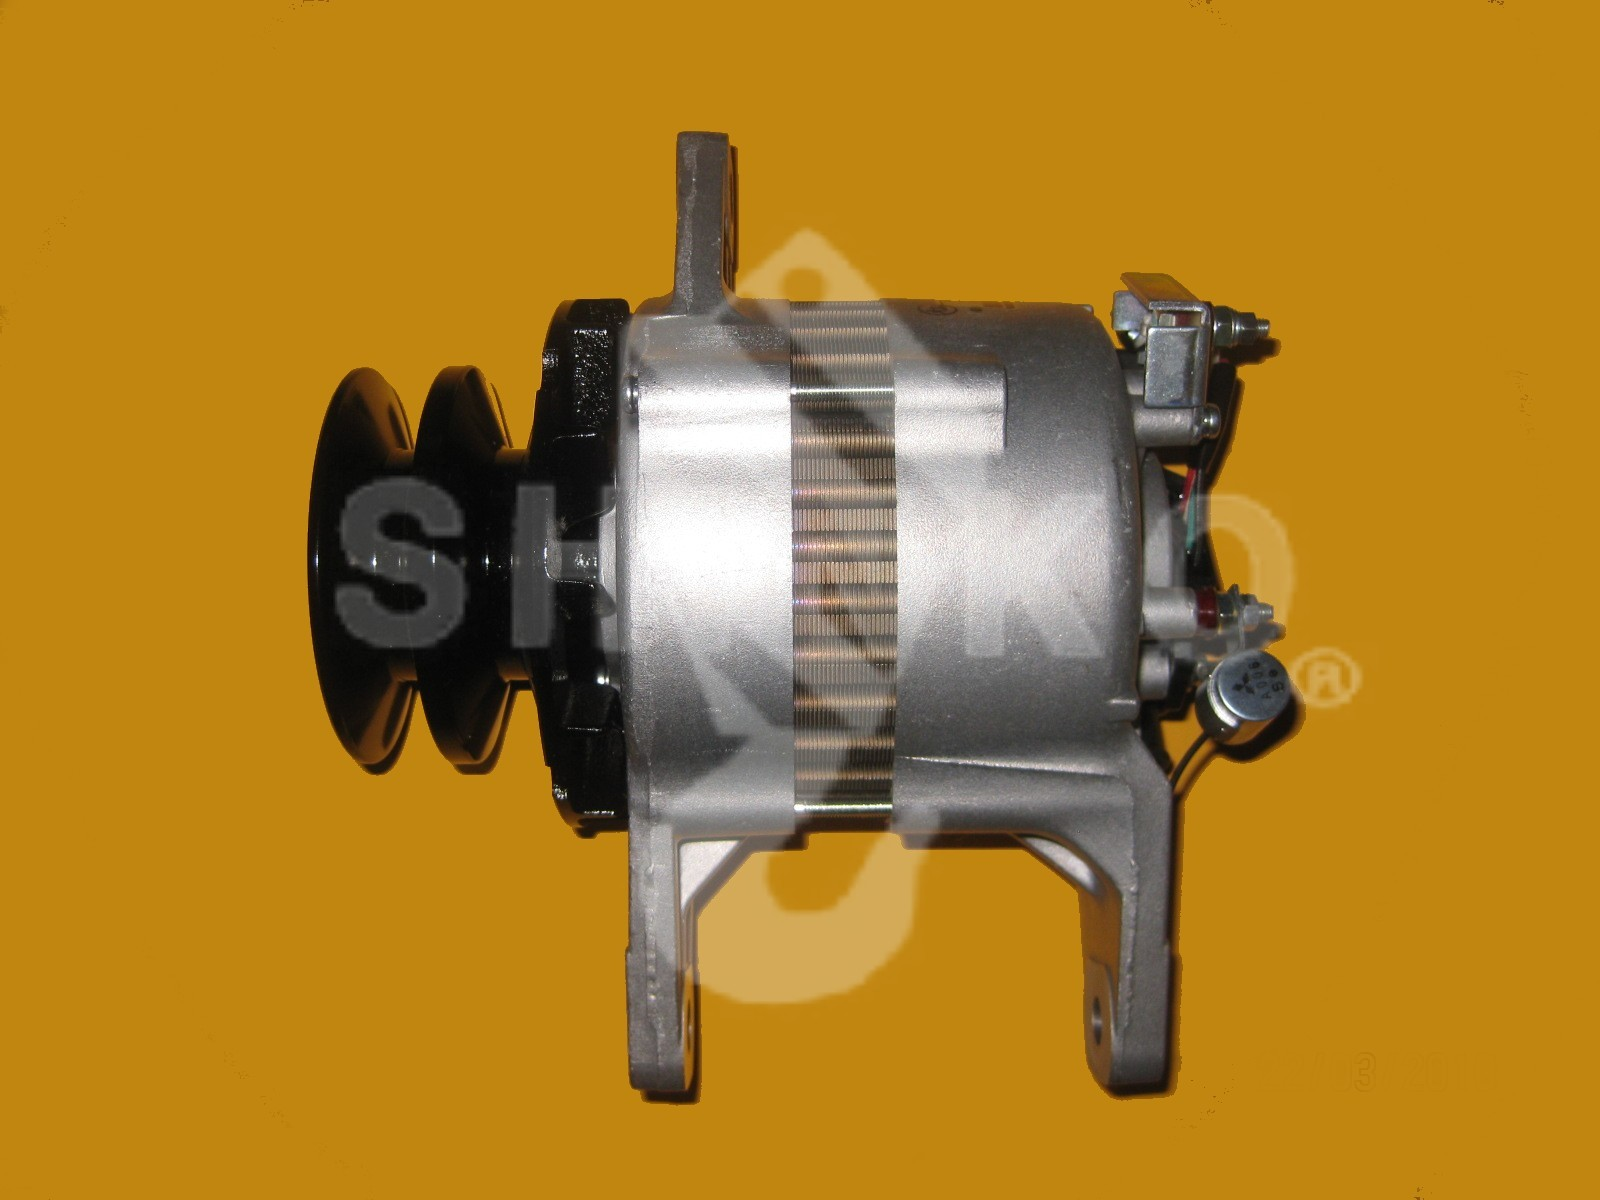 Mitsubishi Crane Spare Parts : Mitsubishi alternator